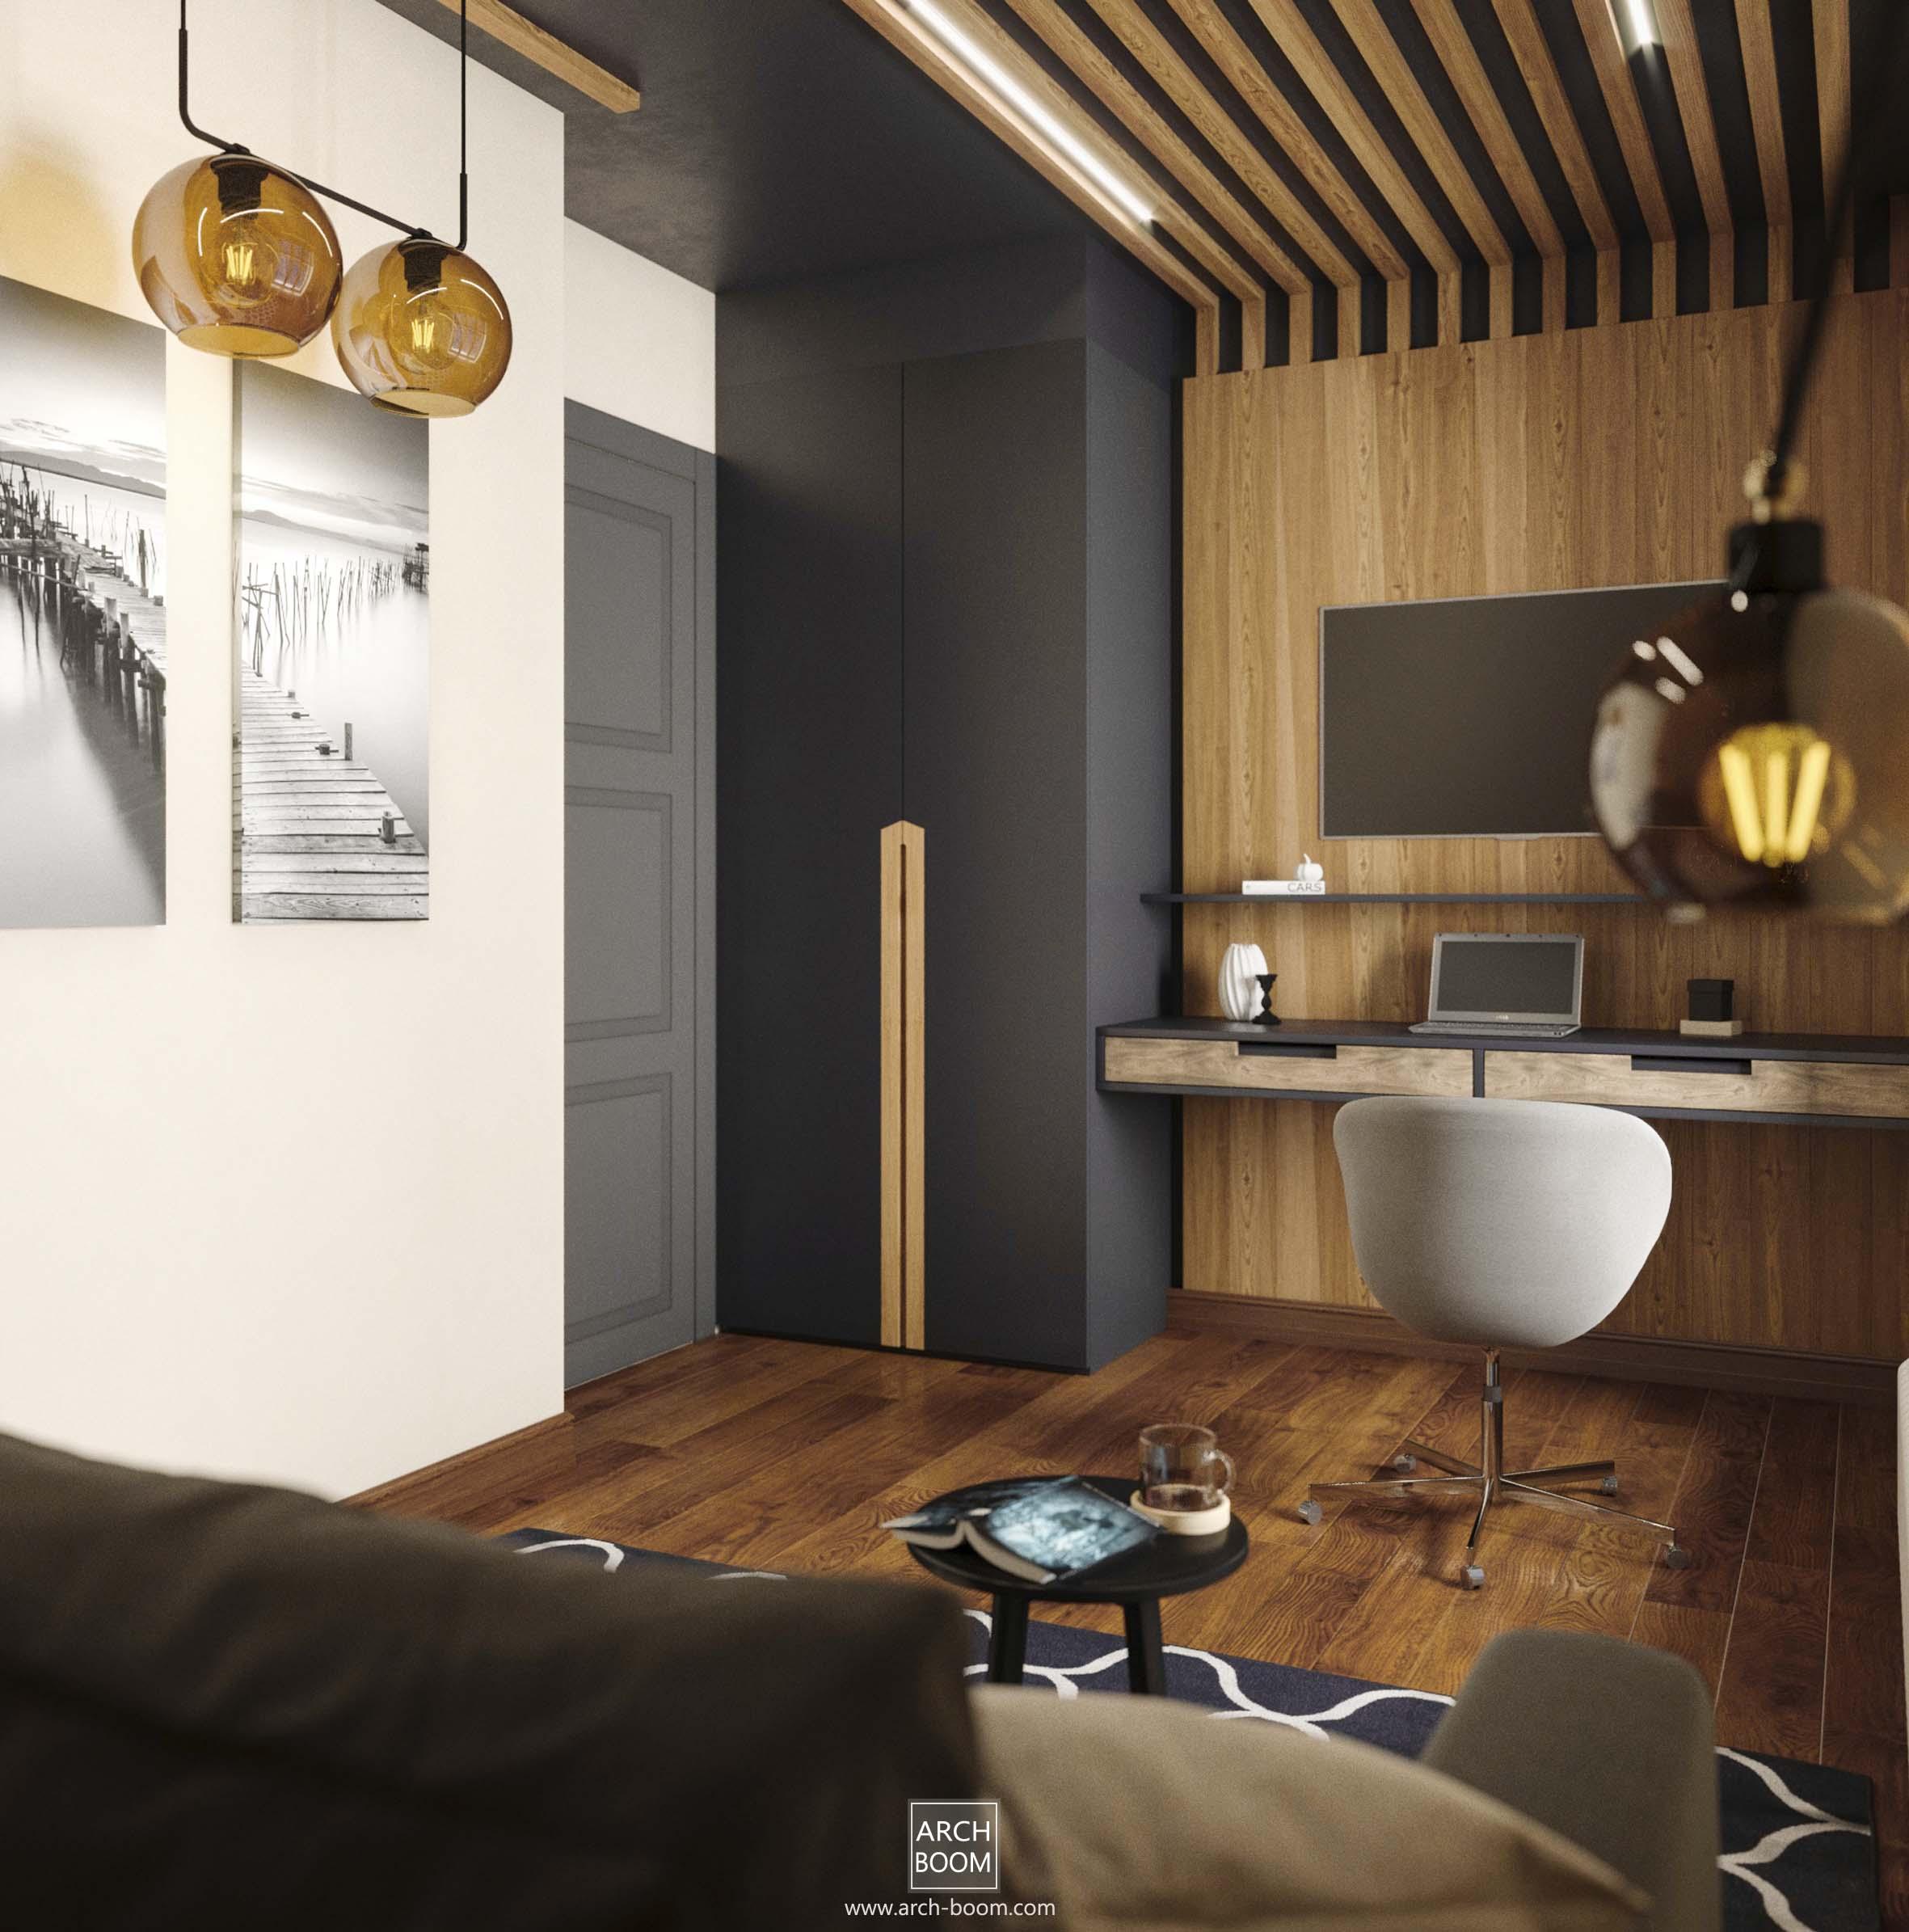 nowoczesne rozwiązanie kanapa syafa i biurko w małym pokoju